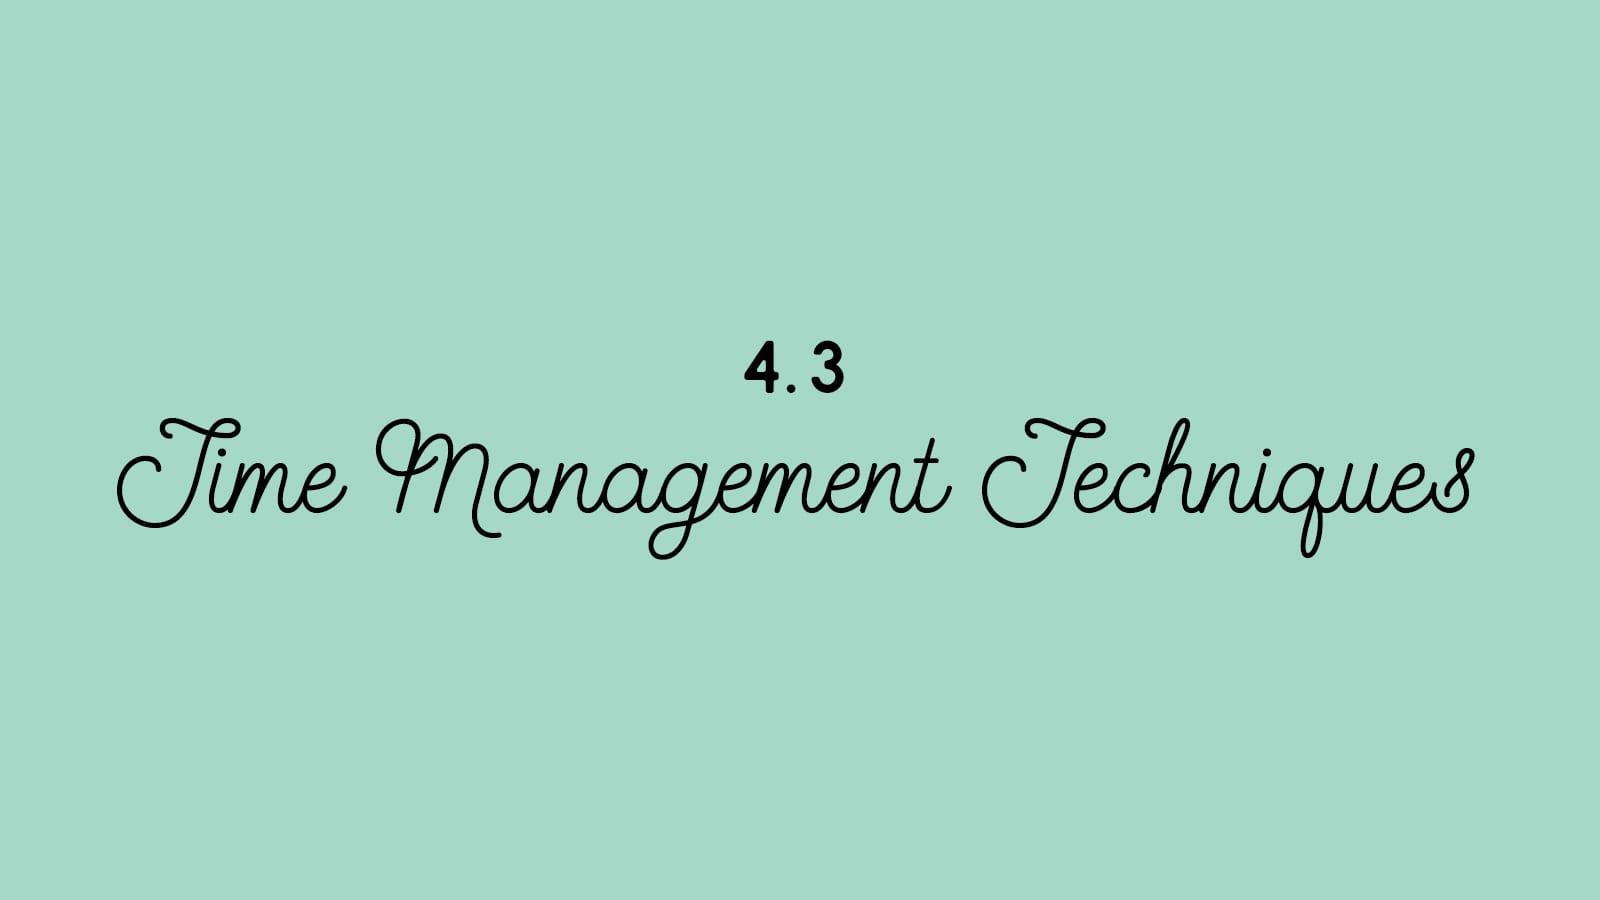 4.3 Time Management Techniques